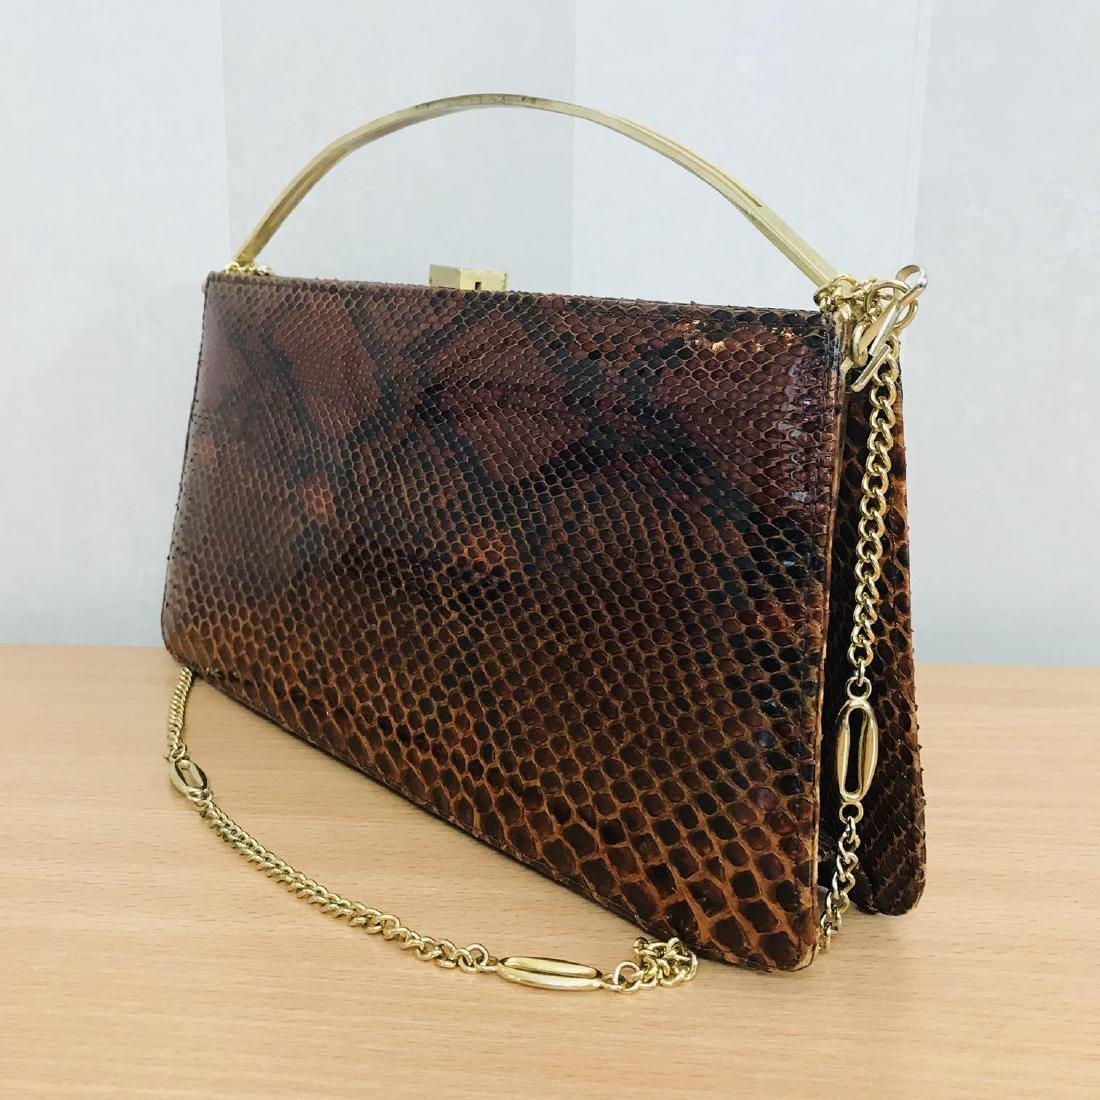 Vintage Genuine Snake Skin Leather Clutch Bag Handbag - 5